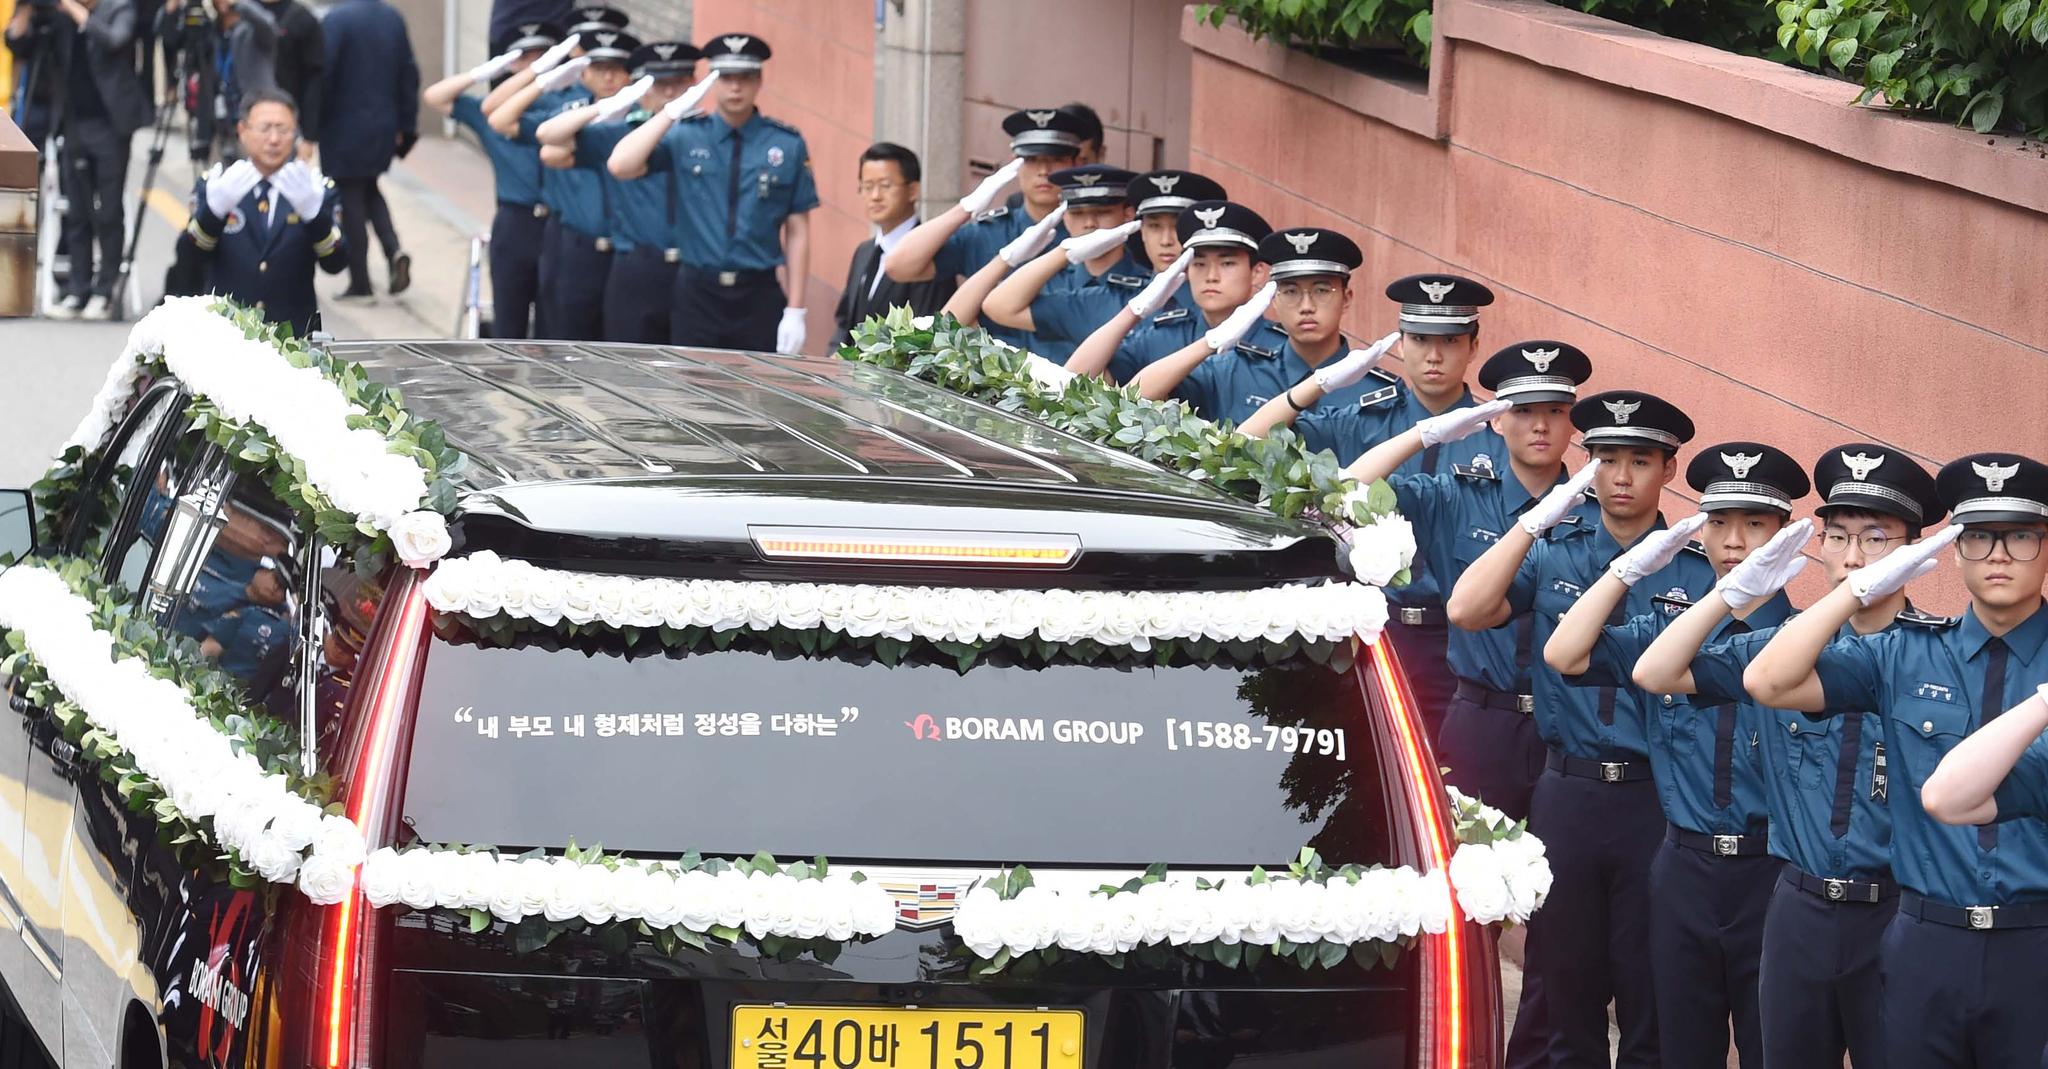 14일 오전 서울 마포구 사저 앞에서 경찰들이 김대중 전 대통령의 부인 고 이희호 여사의 운구차를 향해 거수경례를 하고 있다. 우상조 기자